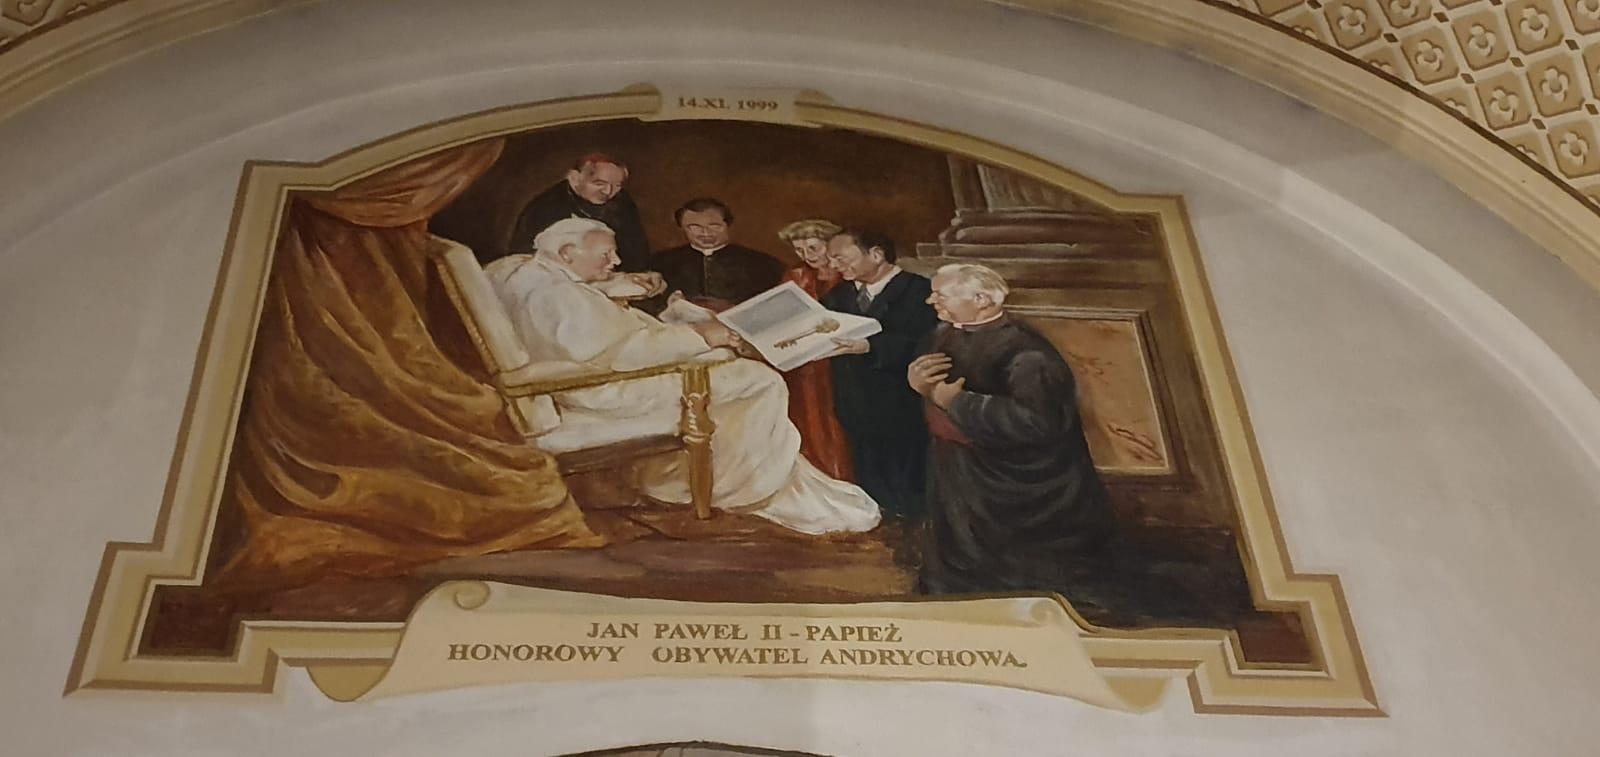 Po wydarzeniu sprzed 20 lat w Andrychowie pozostał słynny fresk [FOTO]